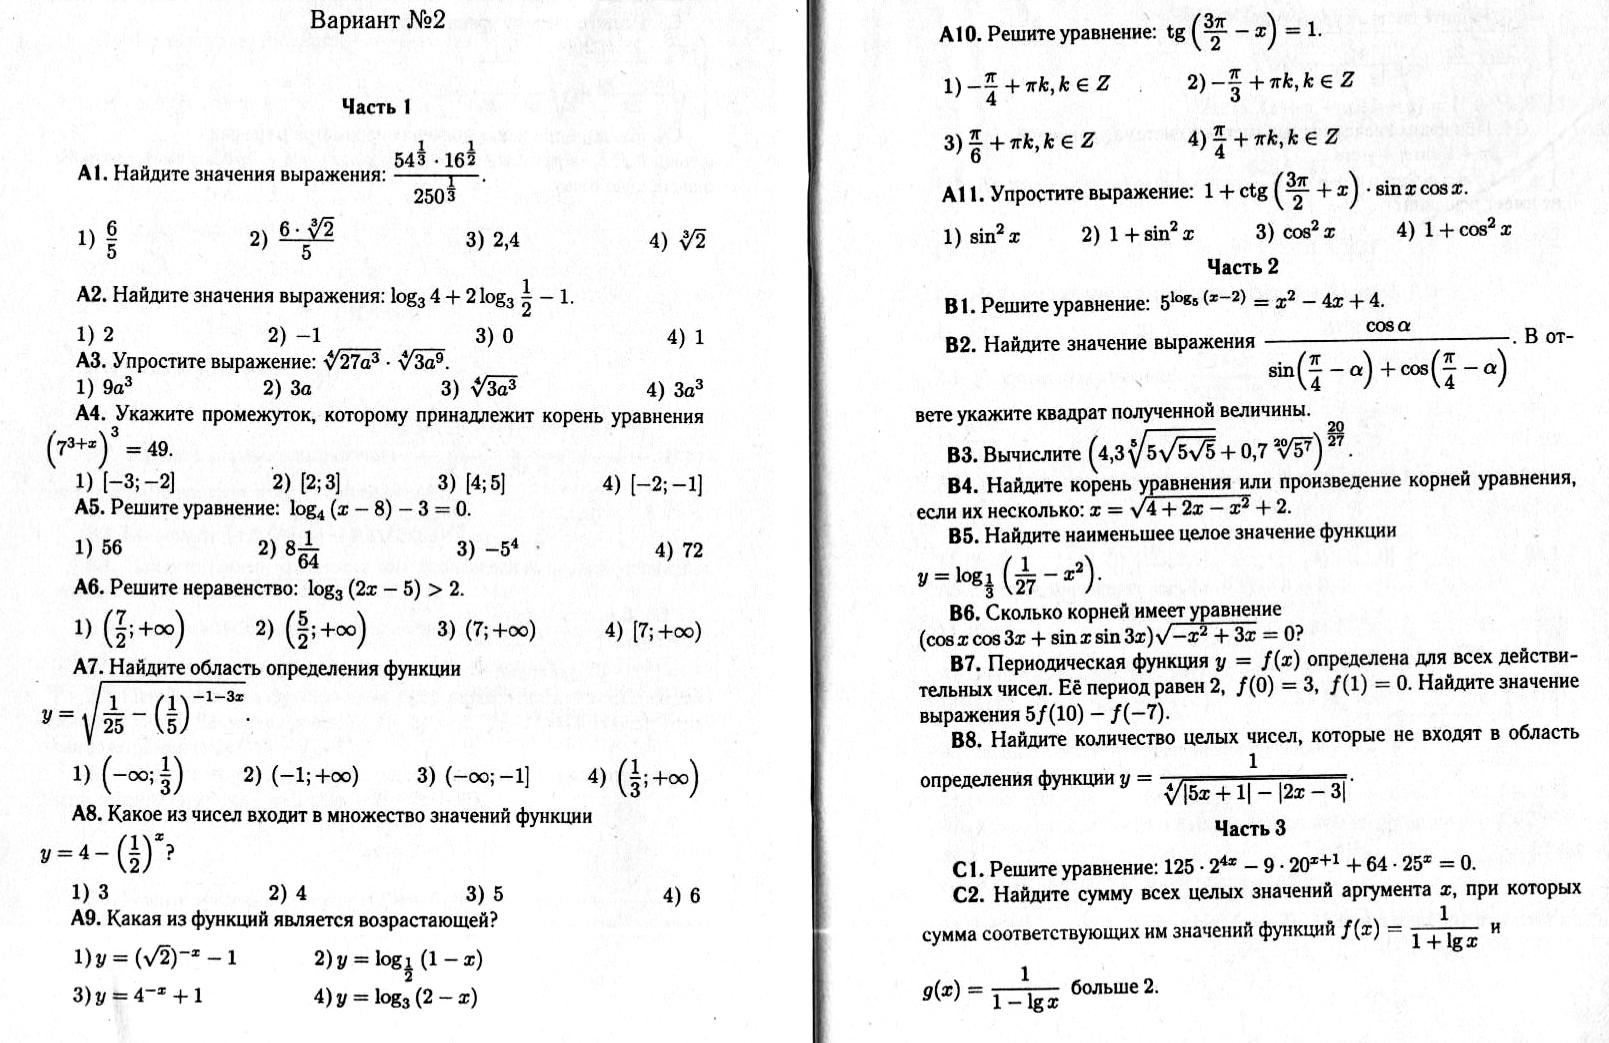 контрольная работа по теме алгоритмизация 9 класс